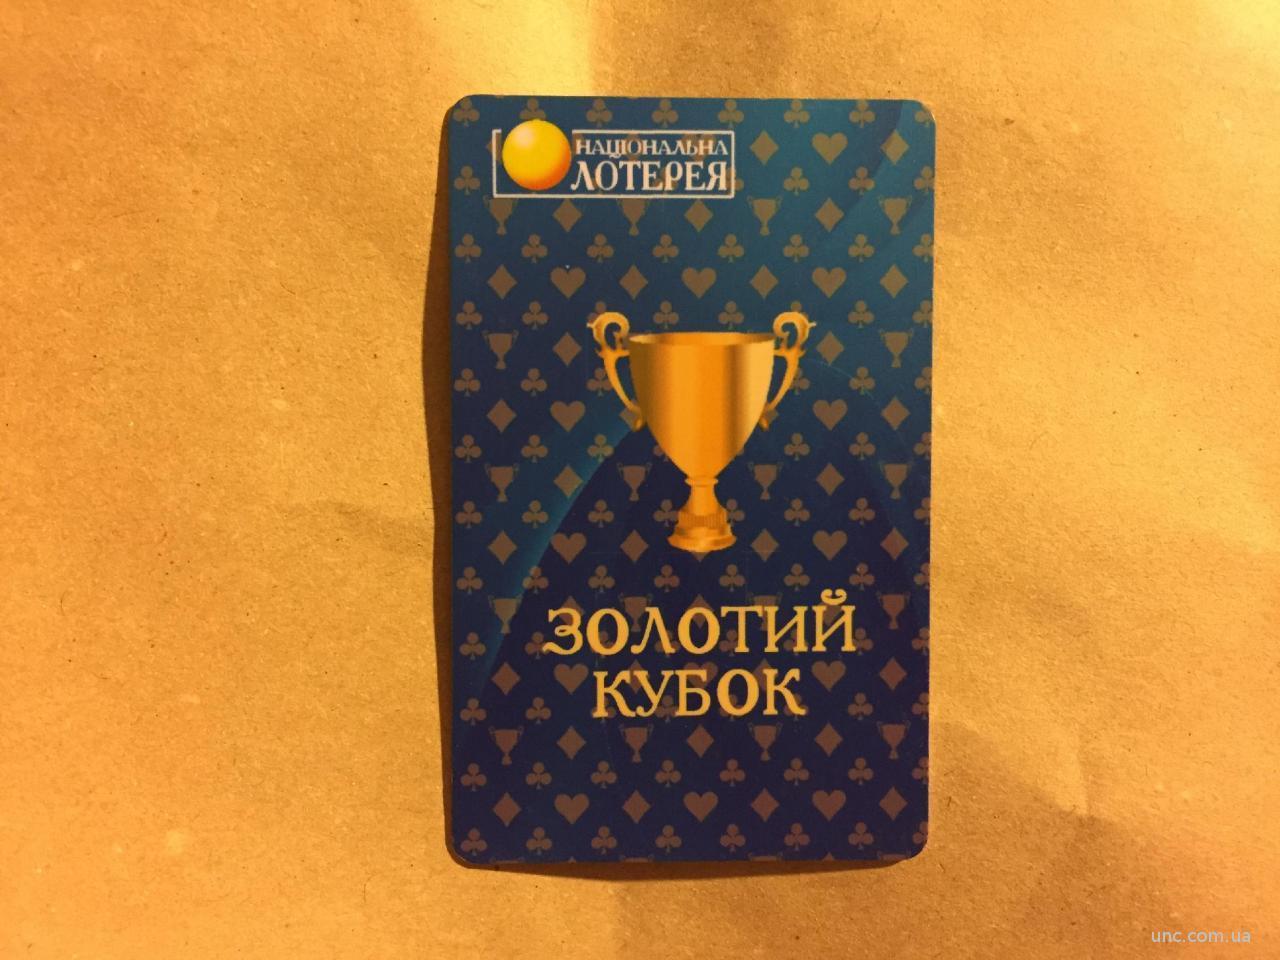 Организация интернет казино в красноярске